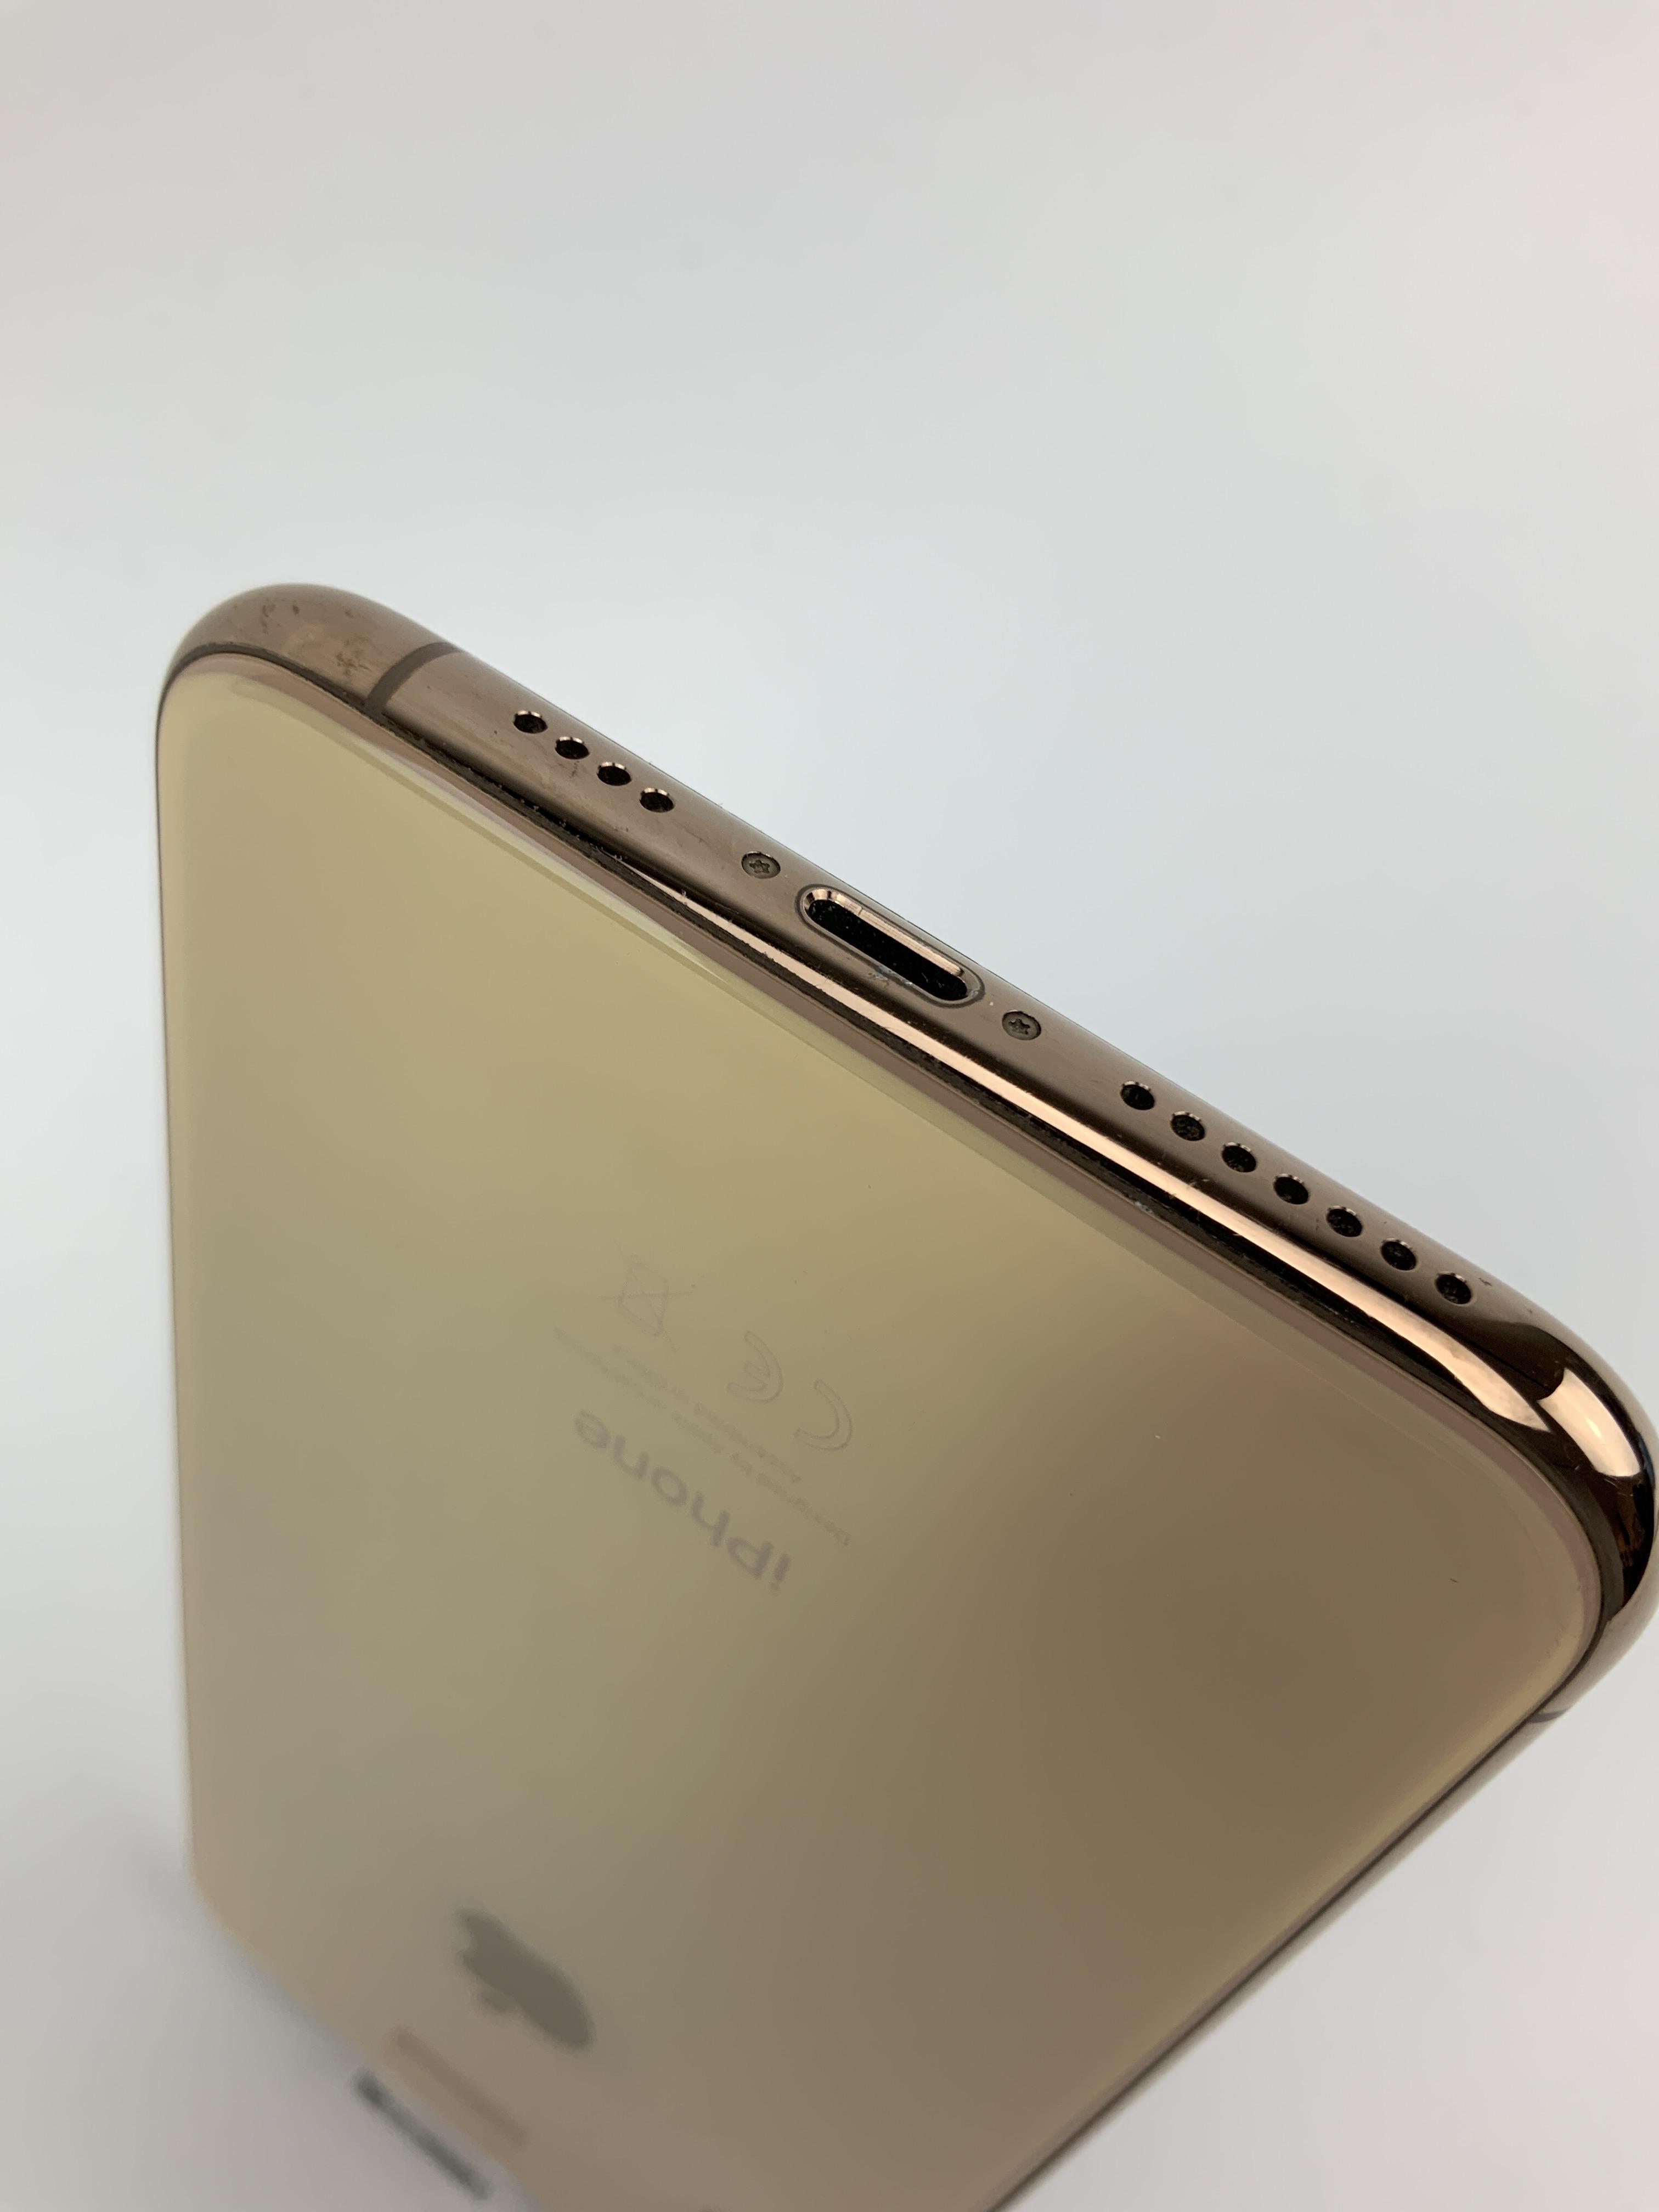 iPhone XS Max 256GB, 256GB, Gold, bild 4